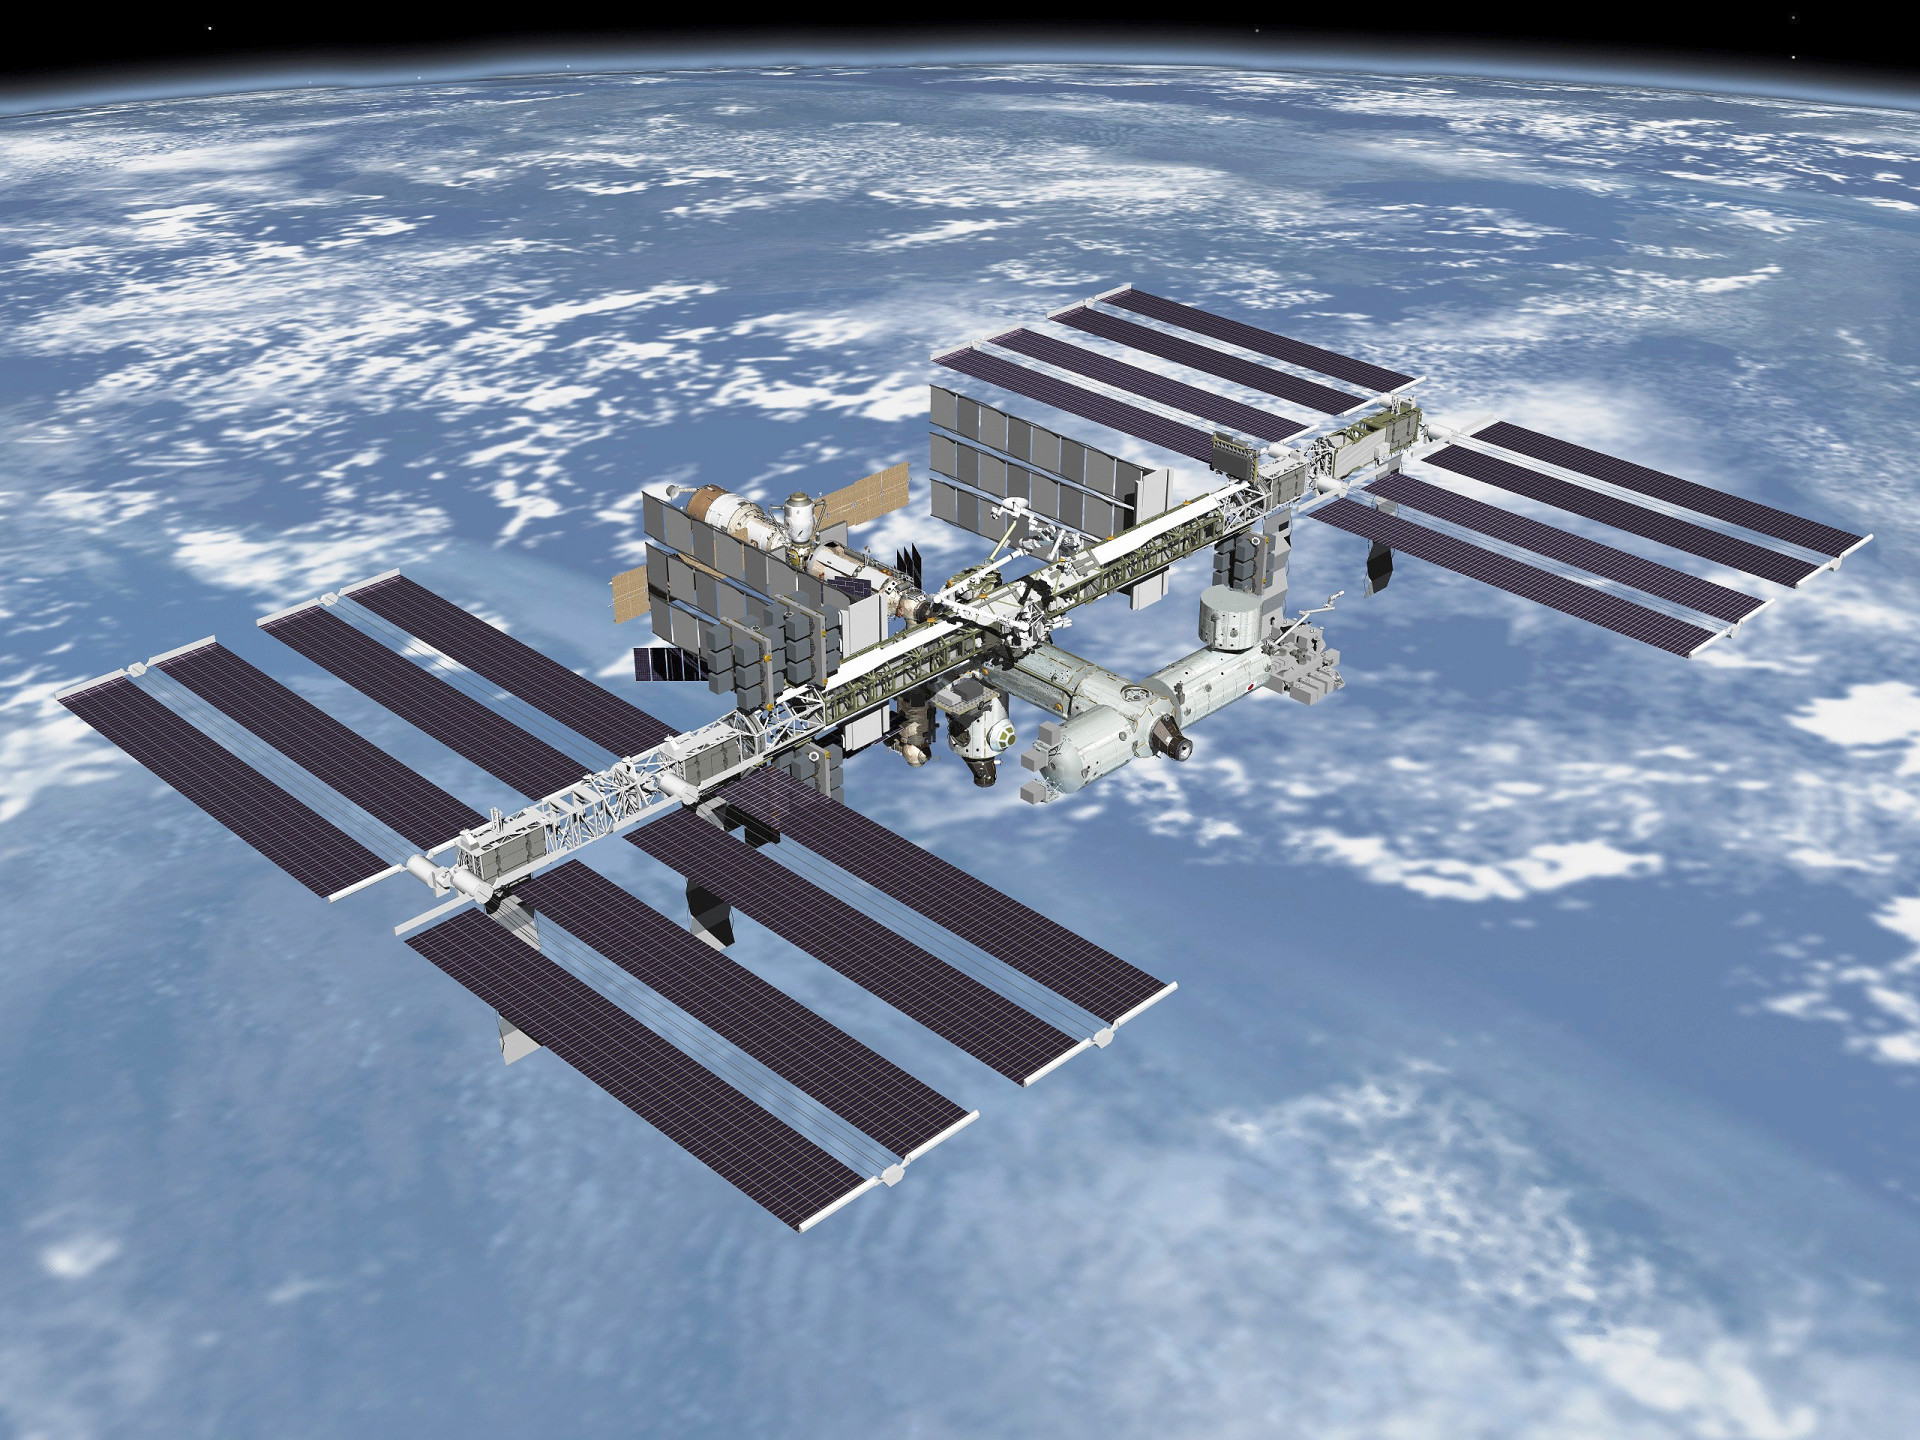 Expansão da estação espacial internacional tem custo de 66 bilhões de dólares, dividido por 15 países. Crédito: Nasa